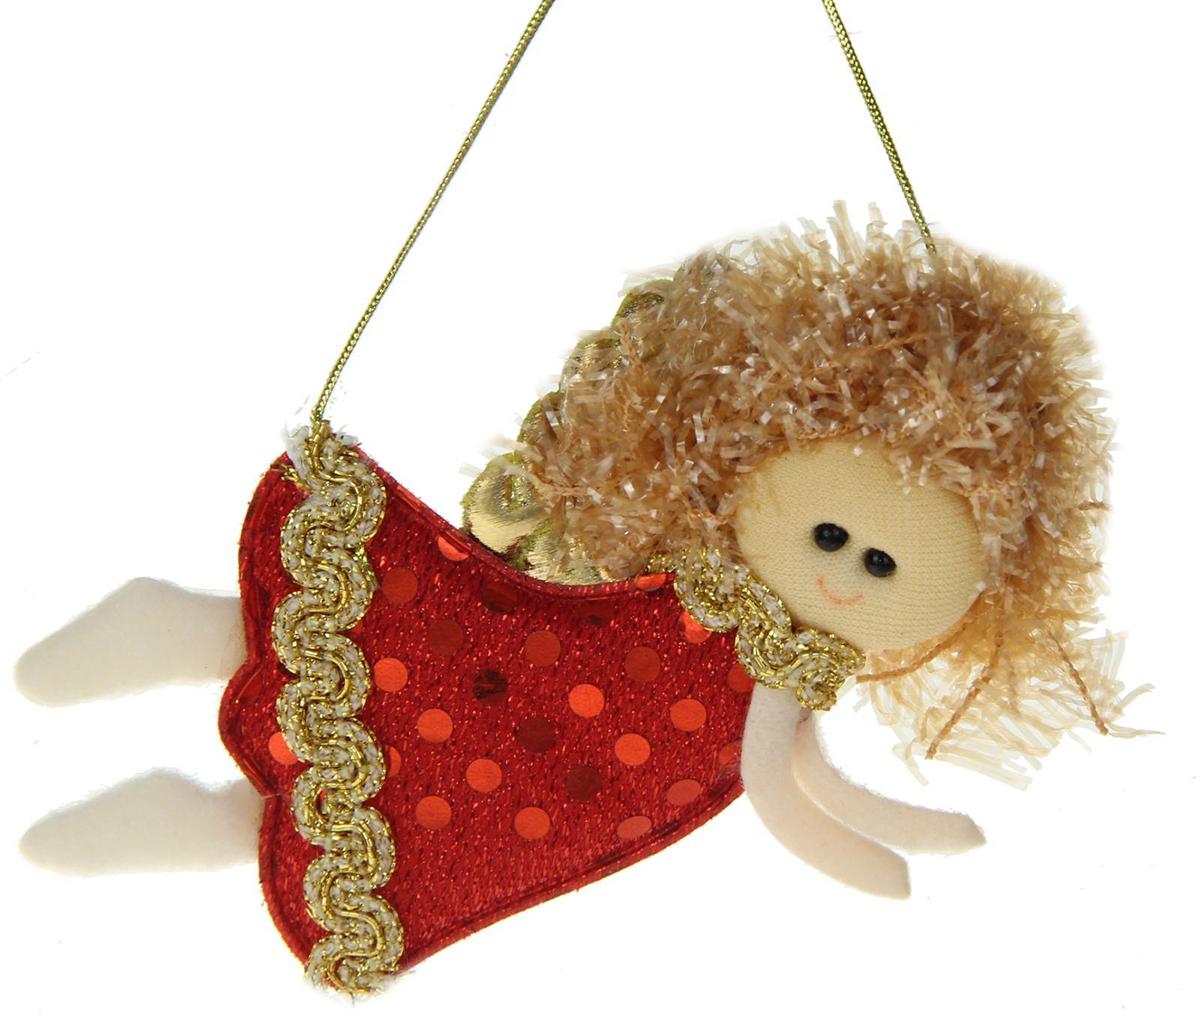 Новогоднее подвесное украшение Летящая девочка1381187Новогоднее украшение ручной работы отлично подойдет для декорации вашего дома и новогодней ели. С помощью специальной петельки украшение можно повесить в любом понравившемся вам месте. Но, конечно, удачнее всего оно будет смотреться на праздничной елке.Елочная игрушка - символ Нового года. Она несет в себе волшебство и красоту праздника. Такое украшение создаст в вашем доме атмосферу праздника, веселья и радости.